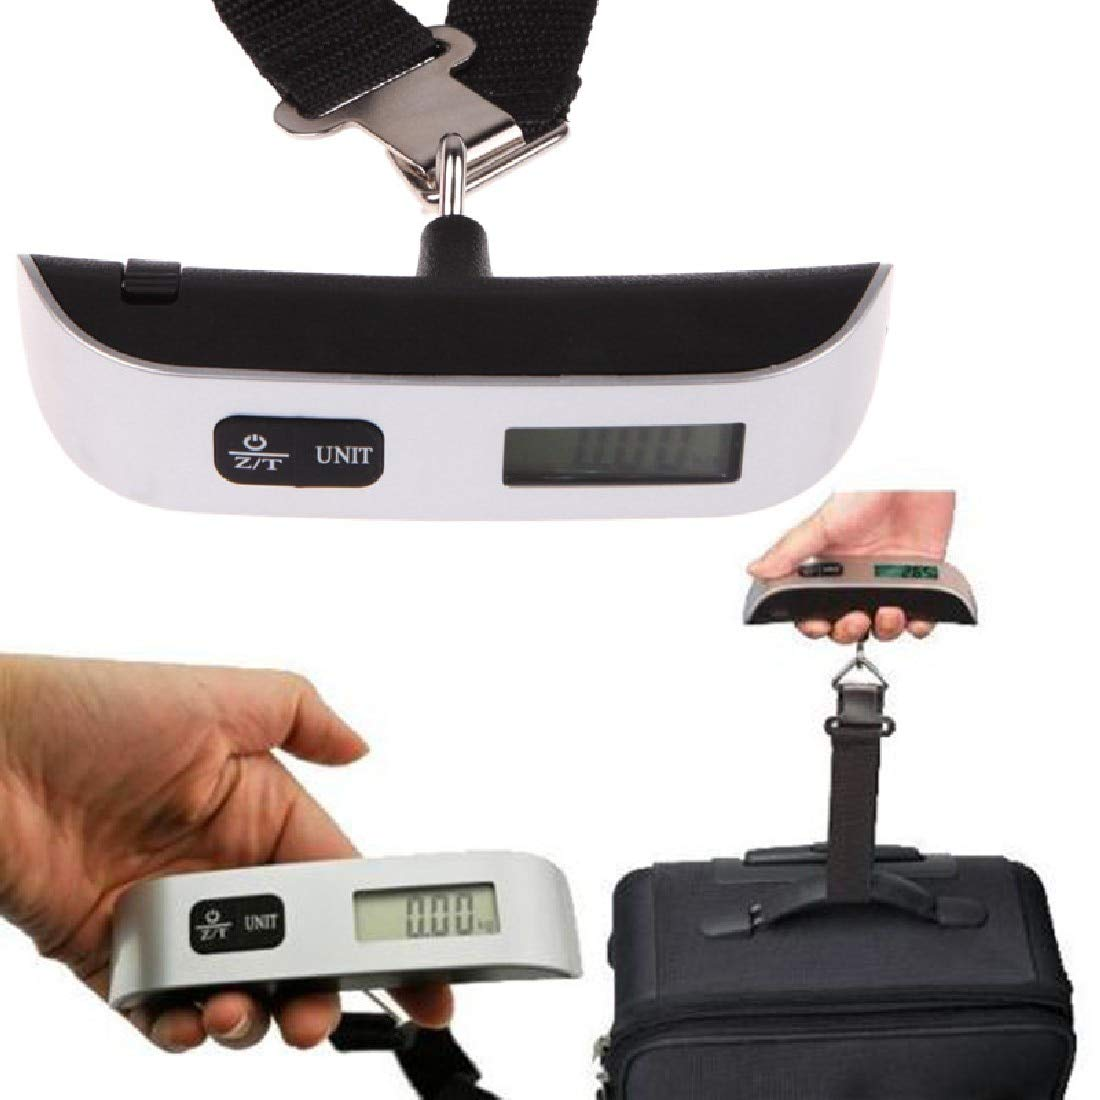 Luwu-Store 50kg Bagage Balance électronique numérique Balance Portable Valise Sac de Voyage Balance Suspendue Balance Poids thermomètre Affichage LCD